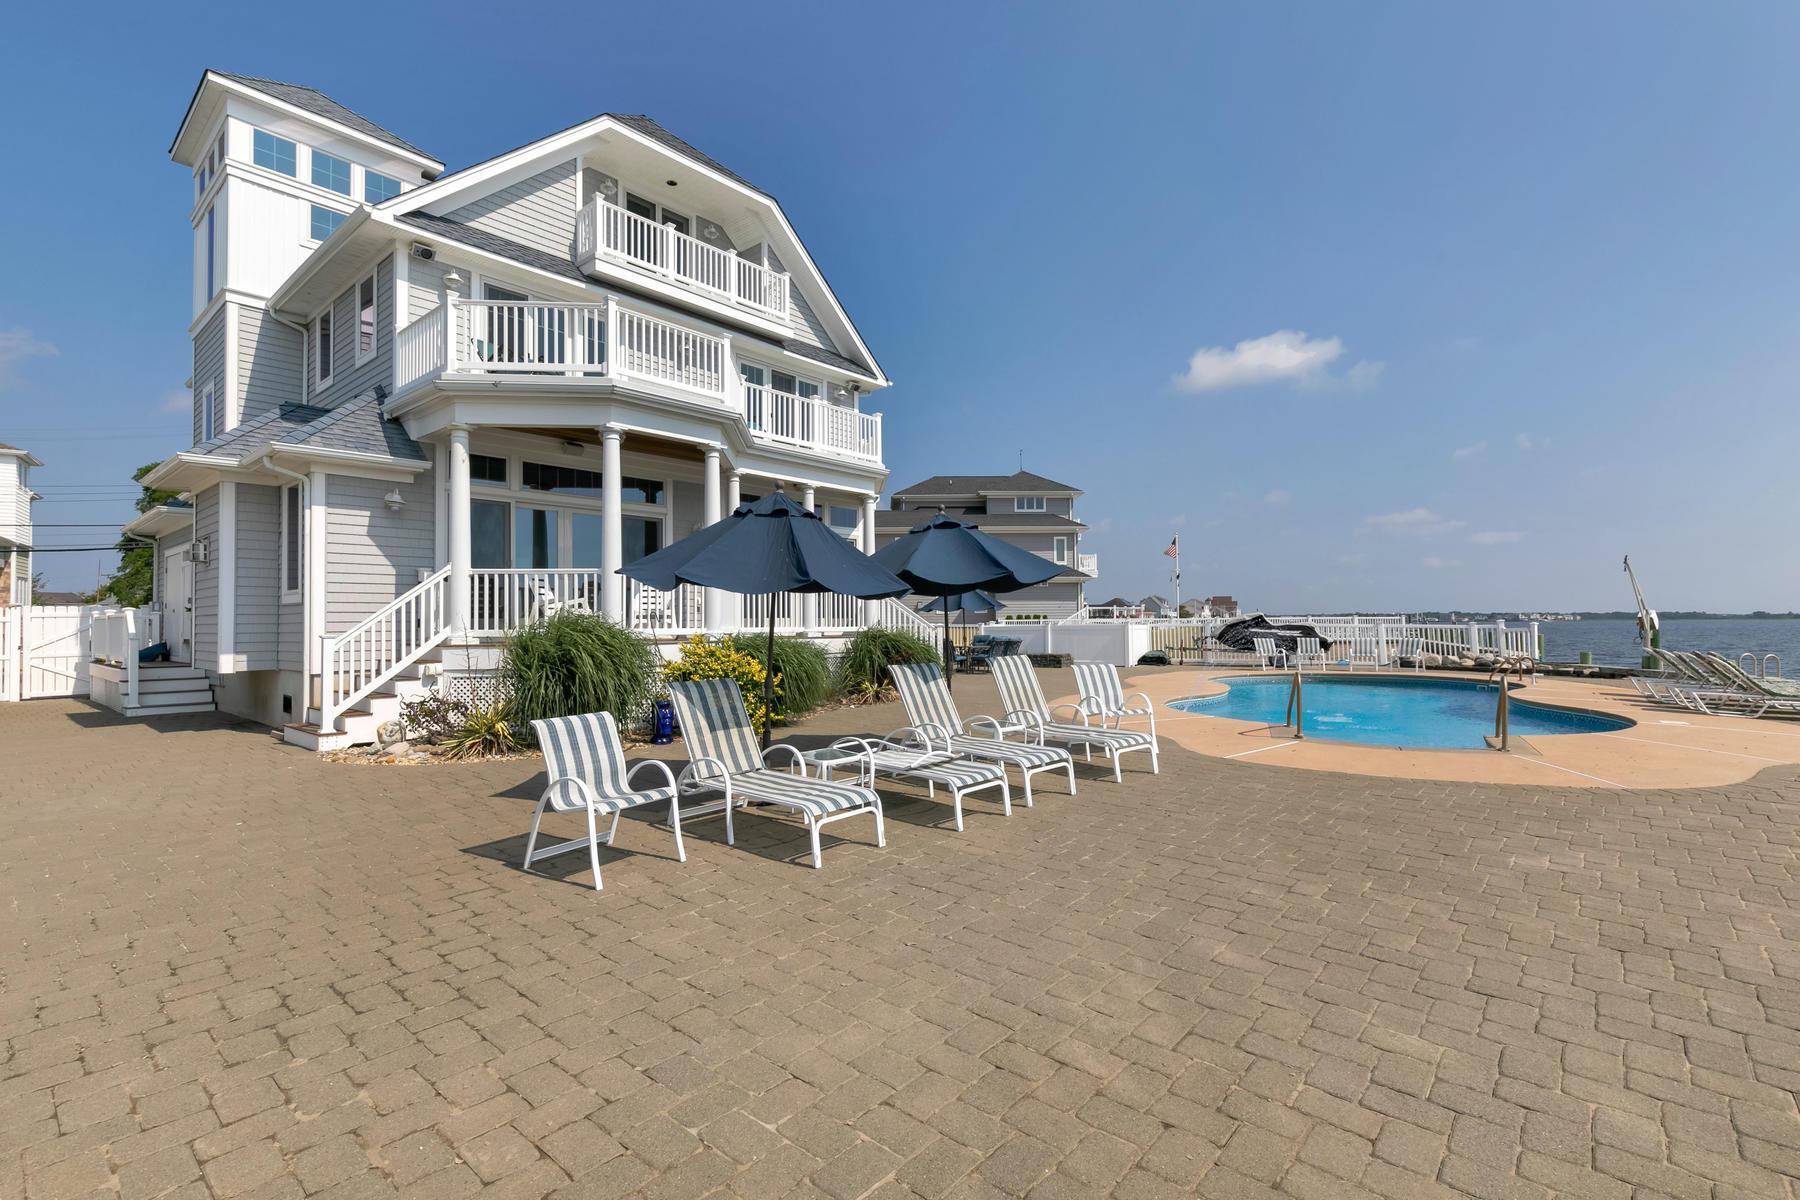 Частный односемейный дом для того Продажа на 581 Bayview Drive Toms River, Нью-Джерси 08753 Соединенные Штаты